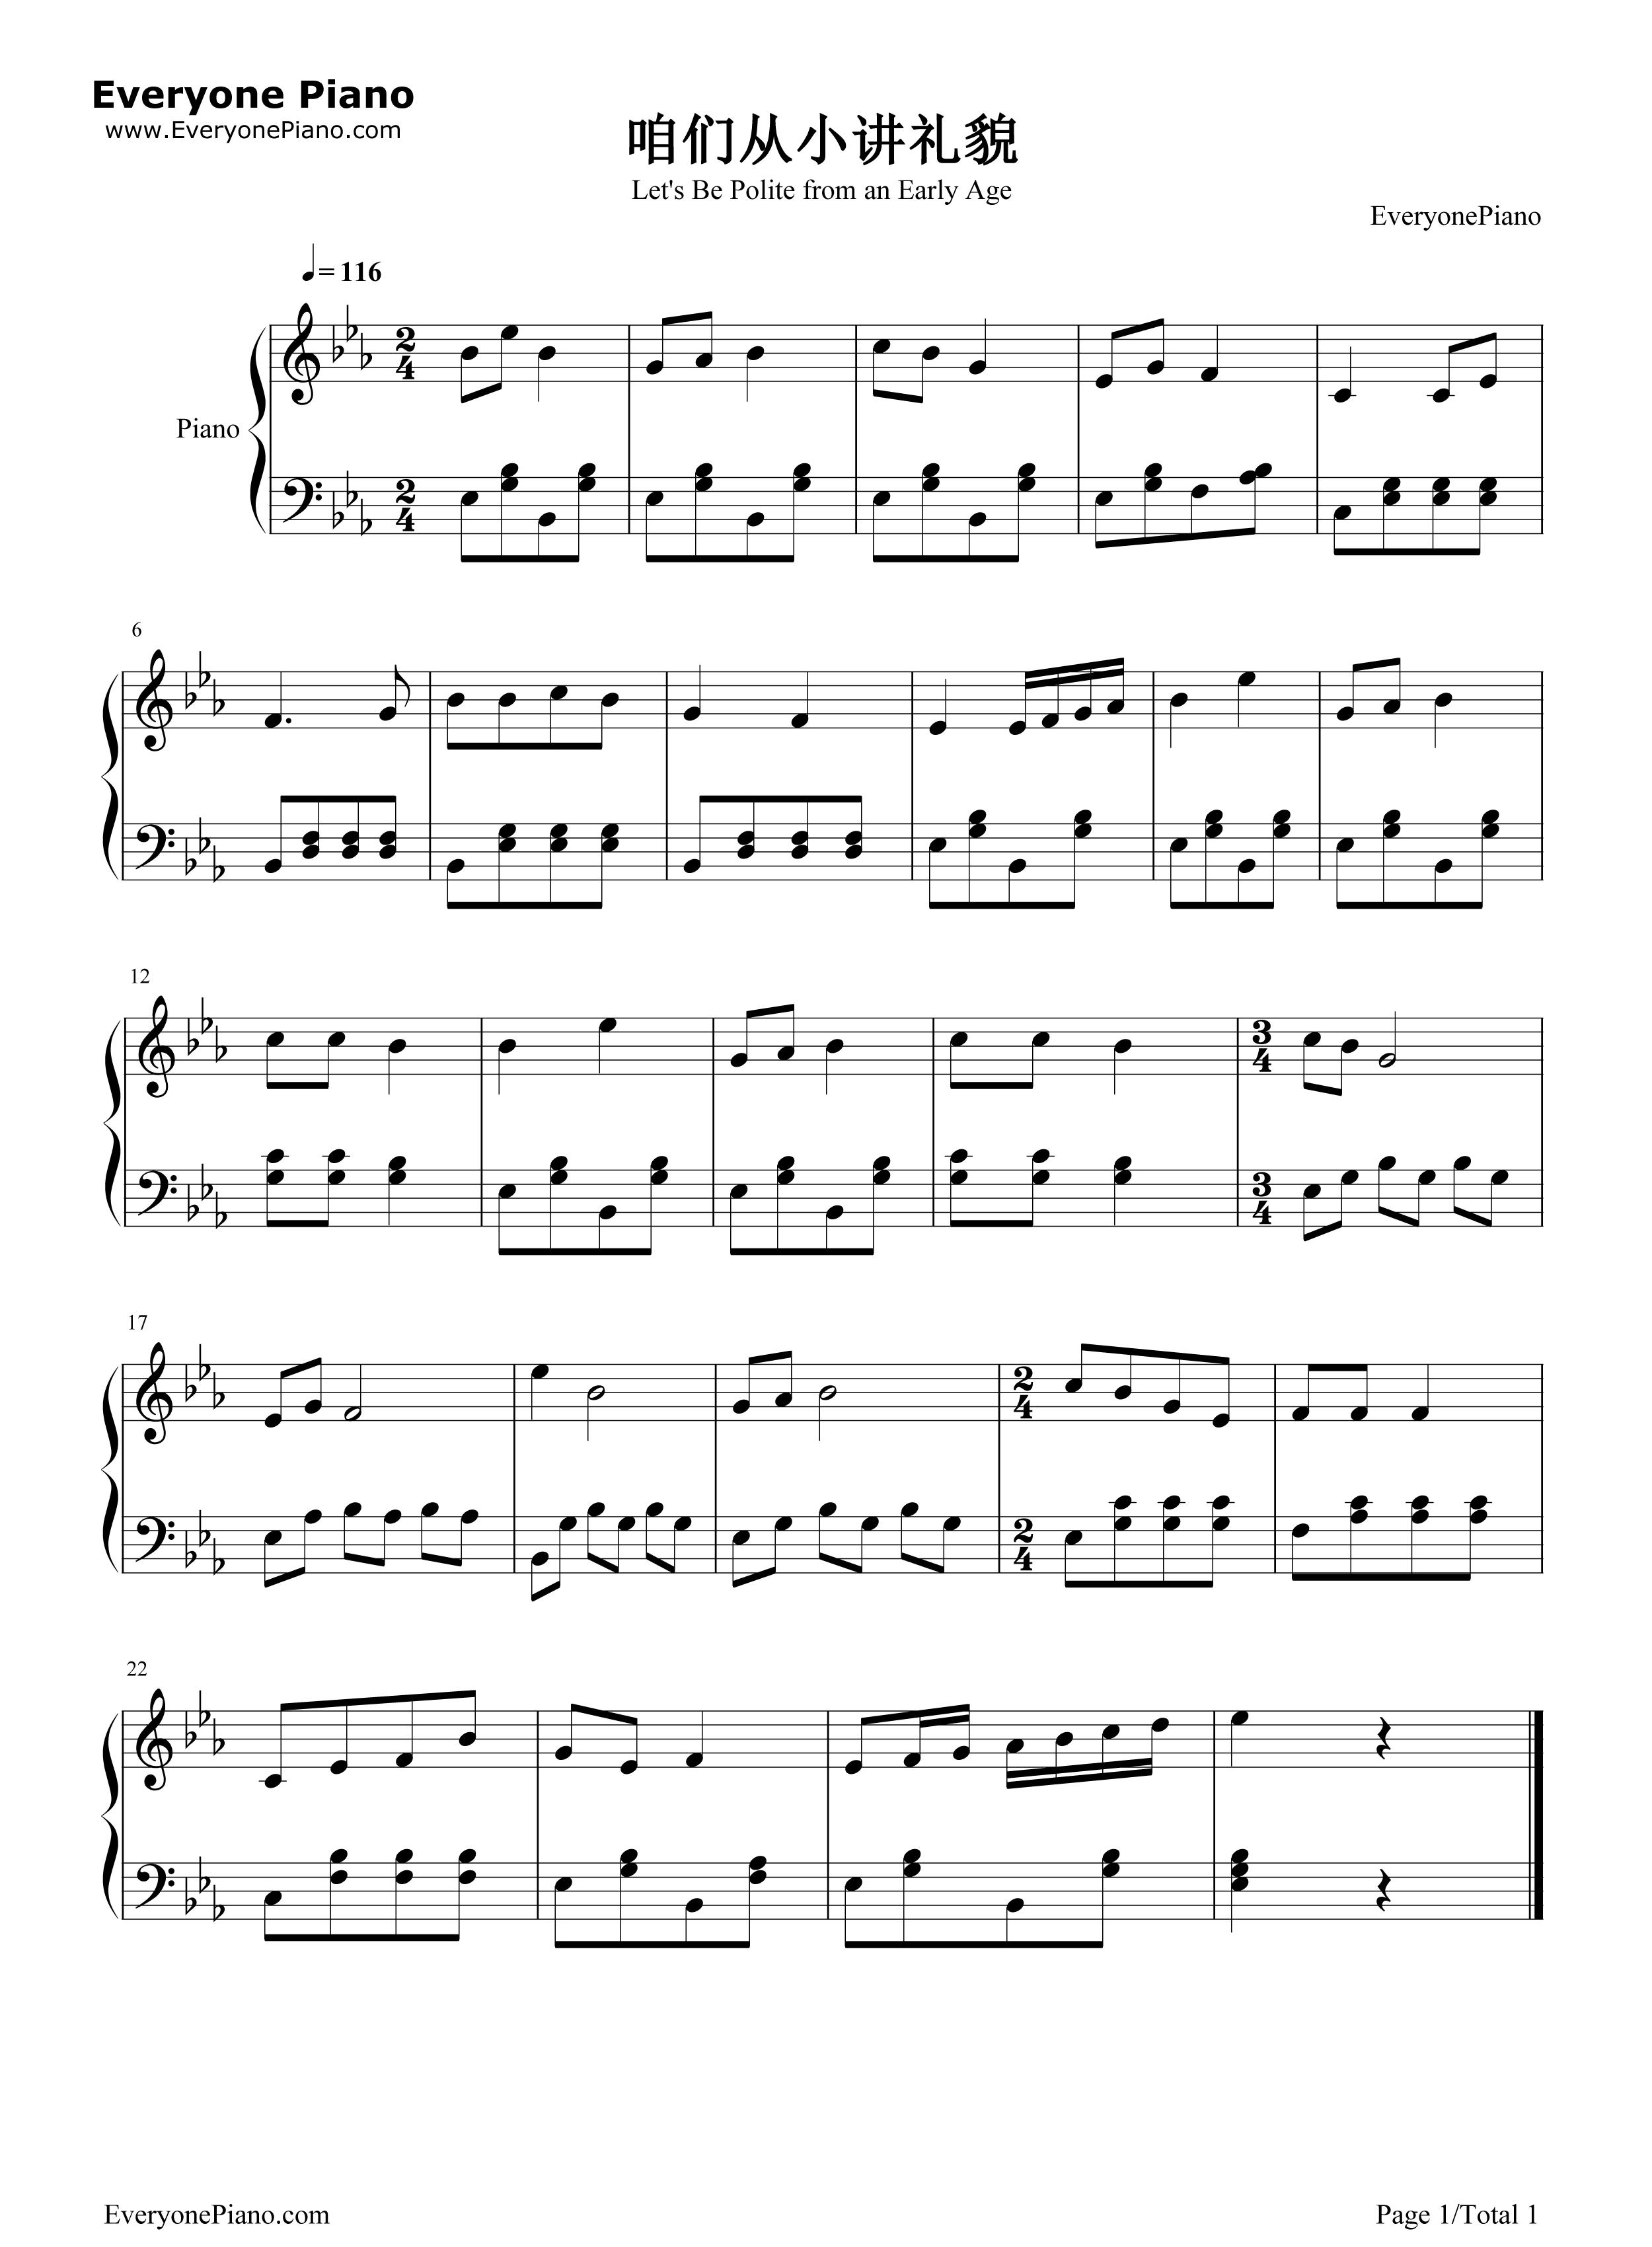 钢琴曲谱 儿歌 咱们从小讲礼貌 咱们从小讲礼貌五线谱预览1   仅供